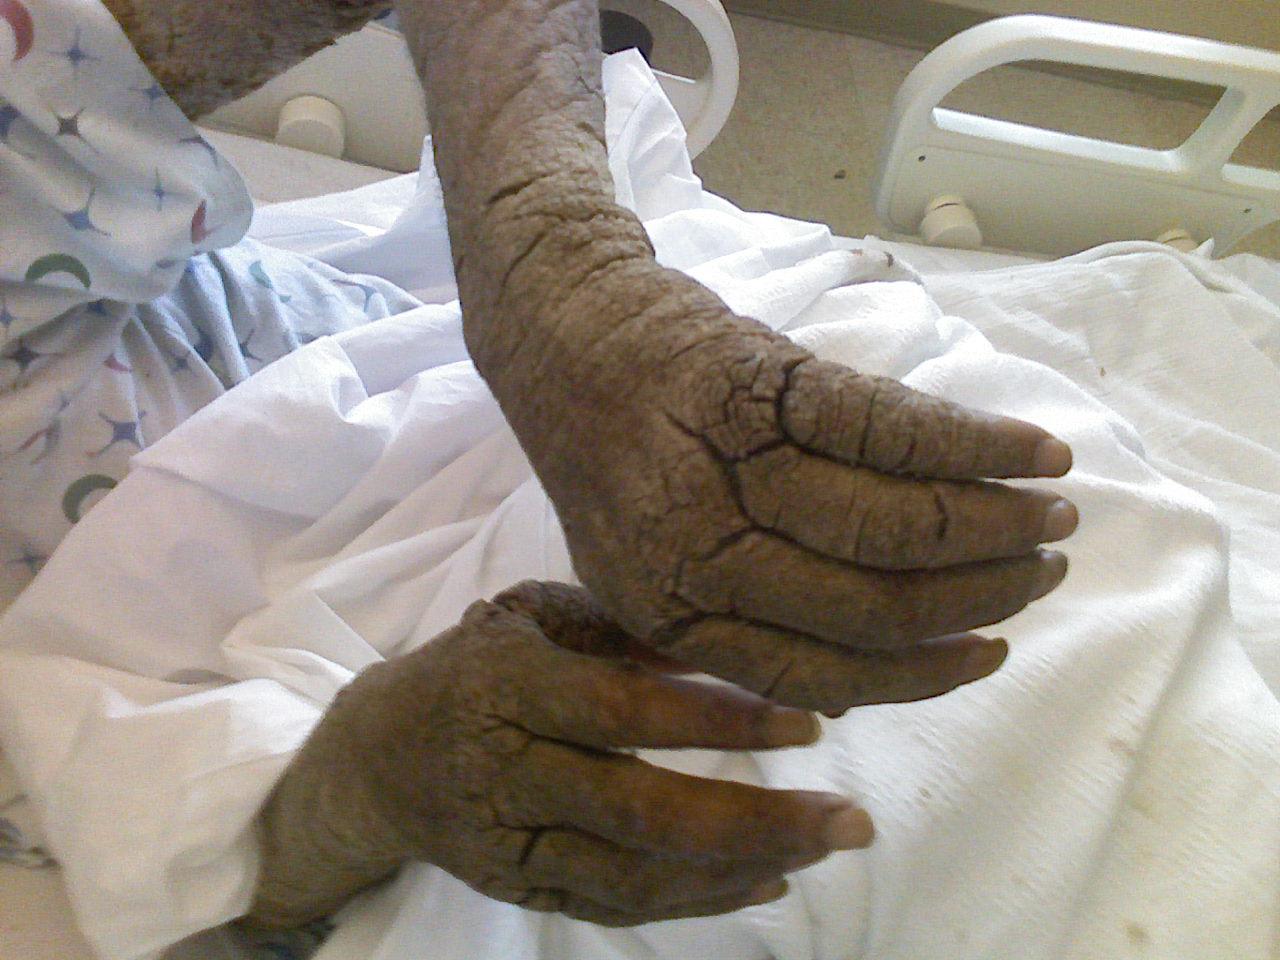 vörös durva foltok egy felnőtt karján fejbőr pikkelysömör kezelésére gyógyszerek spray